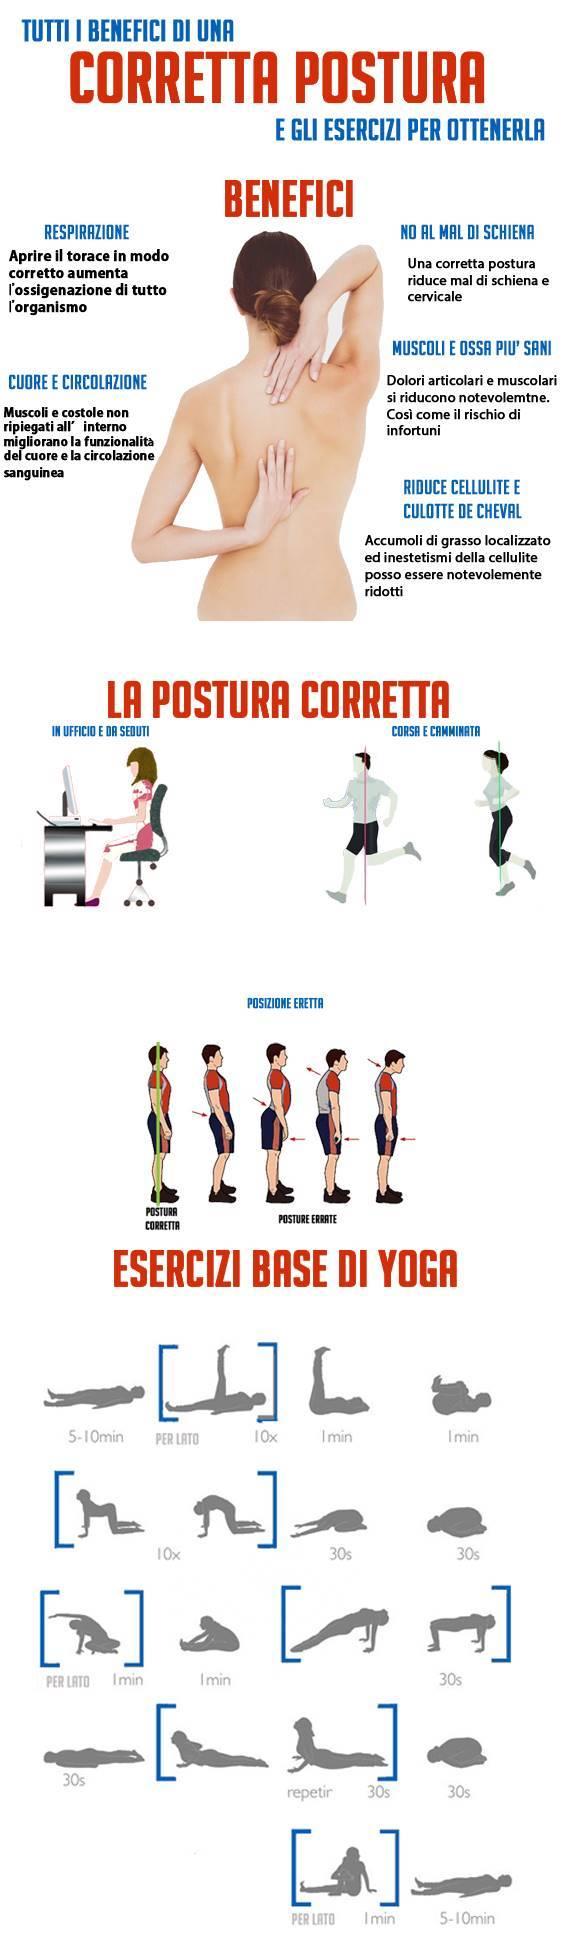 scheda postura corretta